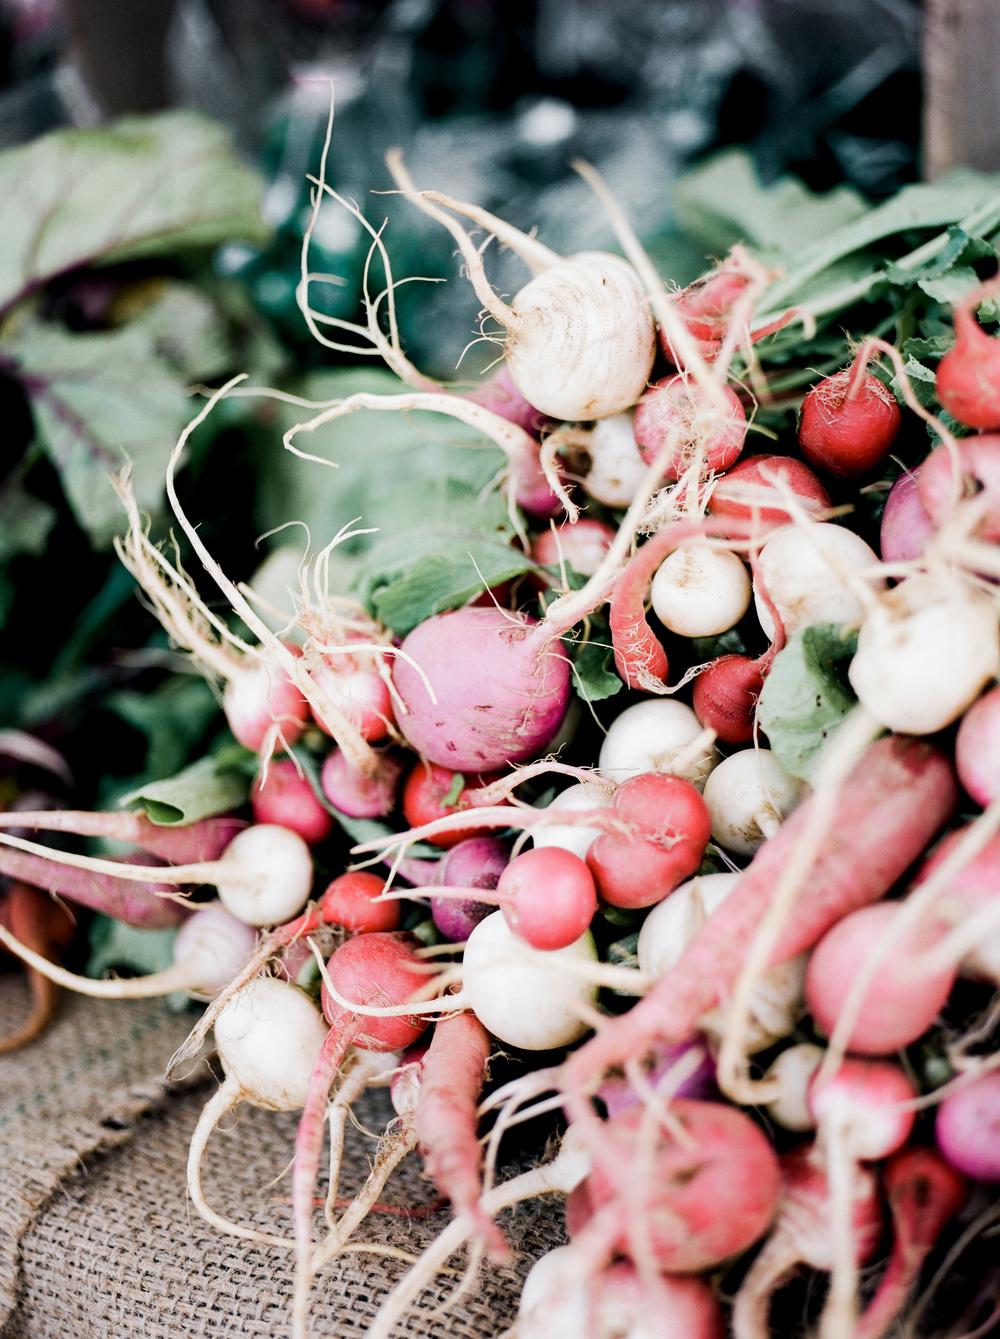 brevard market 3 sarah ingram